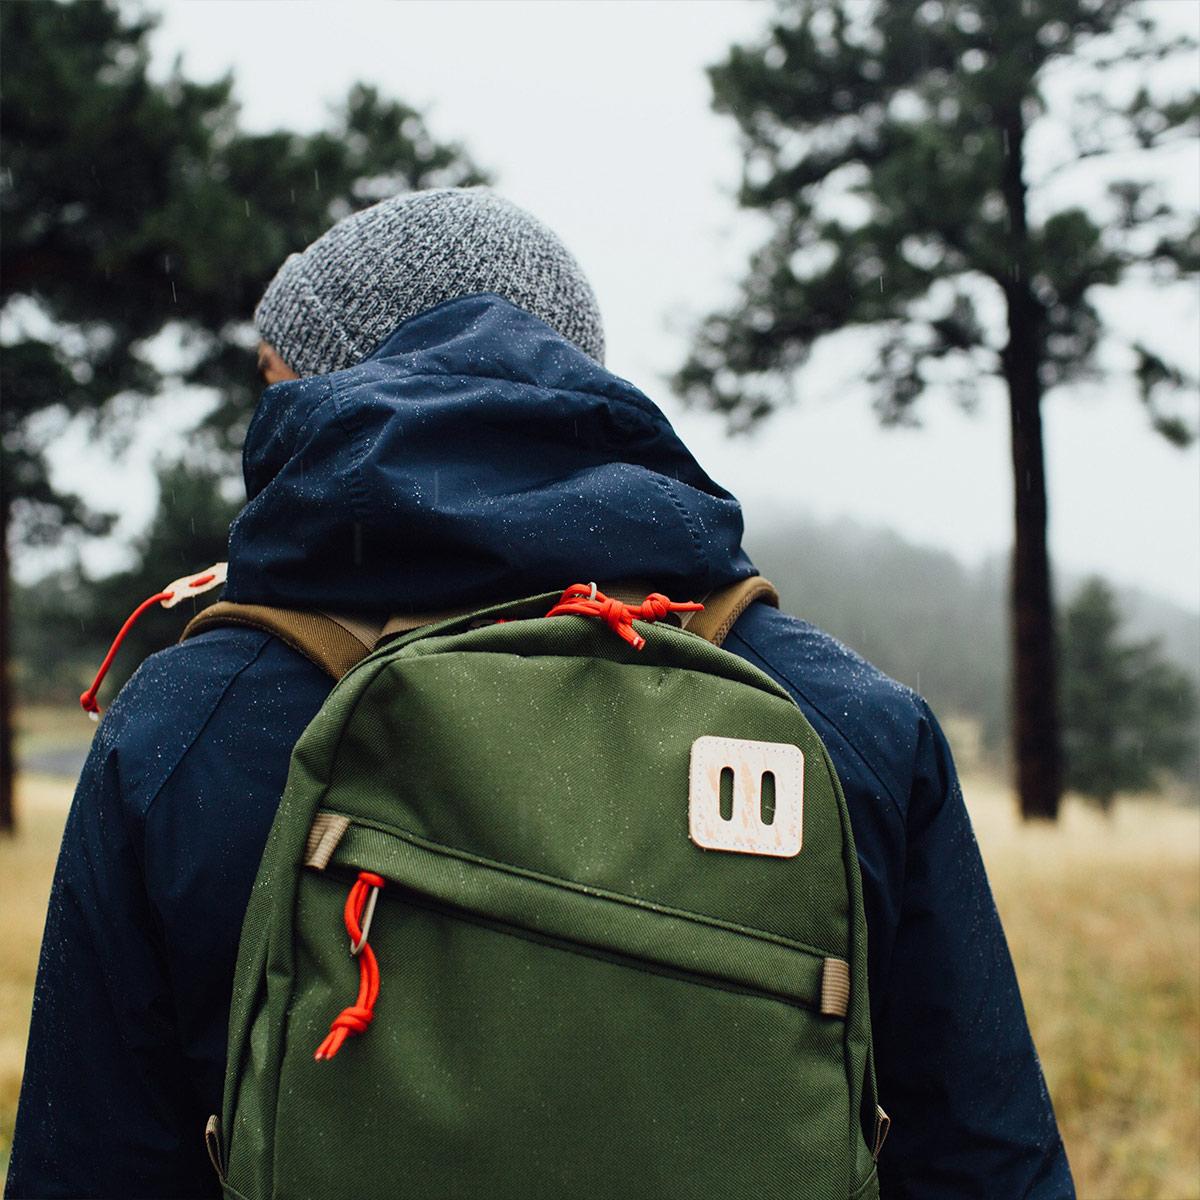 Topo Designs Daypack backpack, idealer Reiserucksack für Reise, Stadt, Arbeit oder Schule